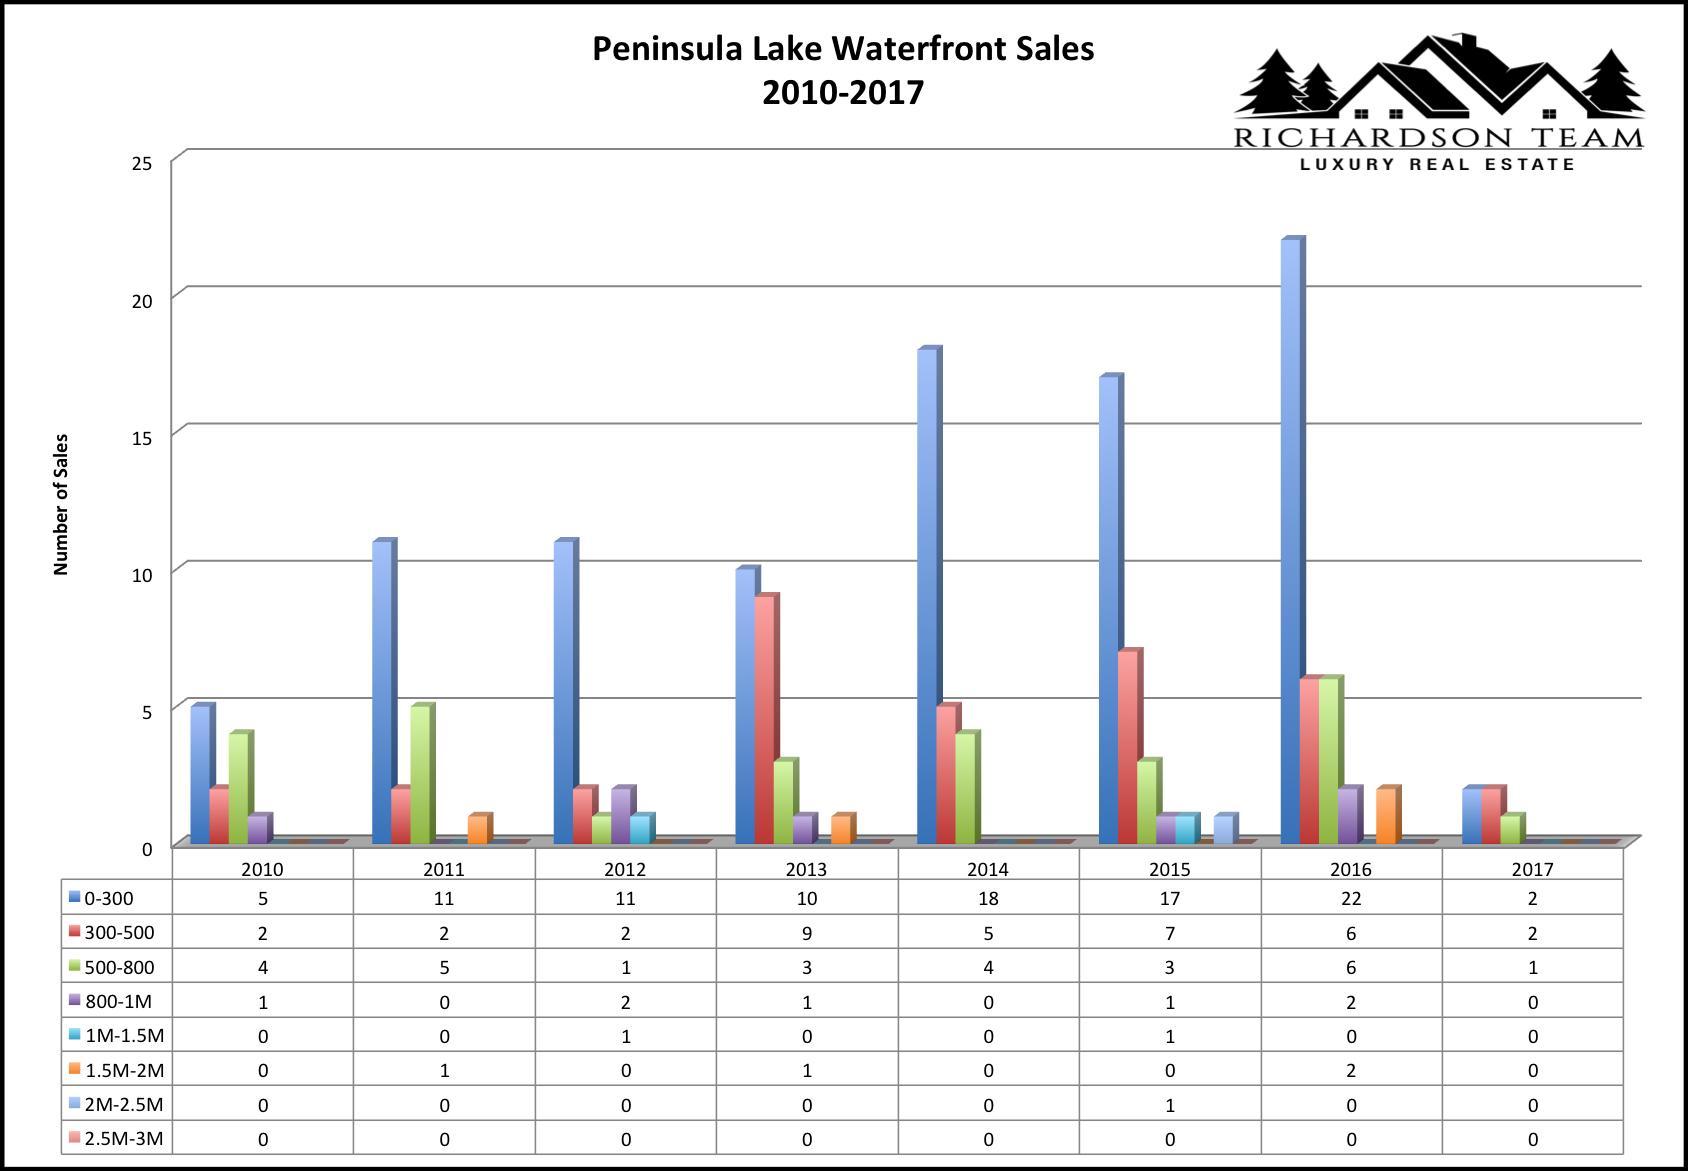 Peninsula Lake waterfront sales 2010-2017